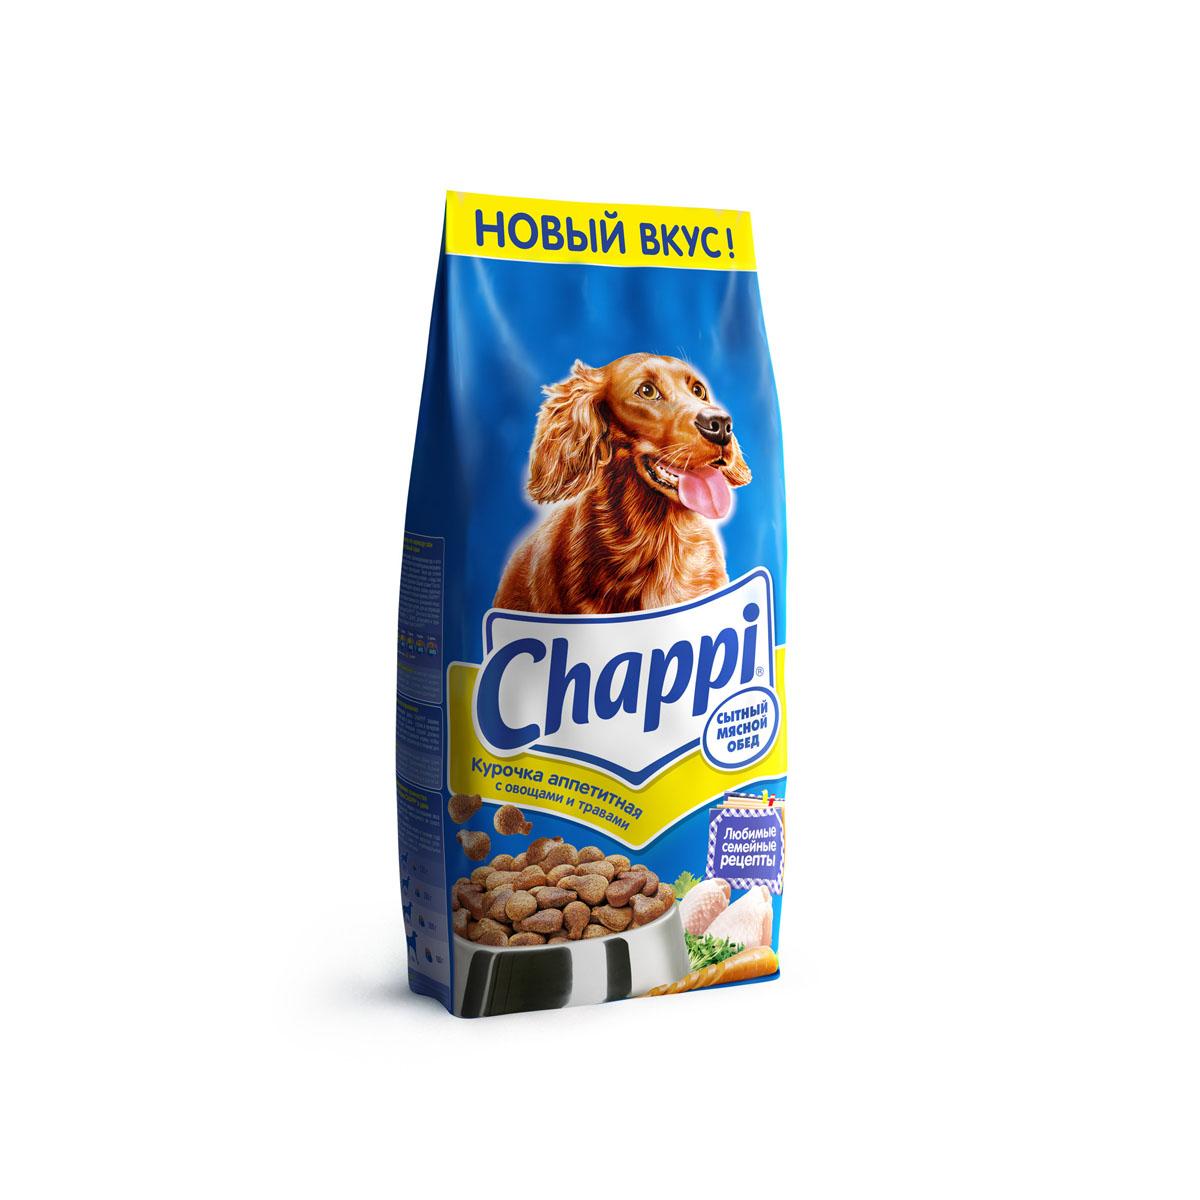 Корм сухой для собак Chappi Сытный мясной обед, курочка аппетитная, 15 кг25359Сухой корм Chappi Сытный мясной обед - это специально разработанная еда для собак с оптимально сбалансированным содержанием белков, витаминов и микроэлементов. Уникальная формула Chappi включает в себя все необходимые для здоровья компоненты: - мясо - для силы и энергии в течение дня; - овощи, травы и злаки - для отличного пищеварения; - масла и жиры - для блестящей шерсти и здоровой кожи; - кальций - для крепких зубов и костей; - витамины - для защиты здоровья; - минералы - для подержания собаки в оптимальной форме. Корм Chappi идеально подходит для вашего любимца как надежный источник жизненных сил. Состав: злаки, мясо и субпродукты, жиры животного происхождения, морковь, люцерна, растительные масла, минеральные вещества, витамины. Пищевая ценность в 100 г: белок - 18 г, жиры - 10 г, клетчатка - 7 г, влажность - не более 10 г, зола - 7 г, кальций - 0,8 г, фосфор - 0,6 г, витамин А - 500...